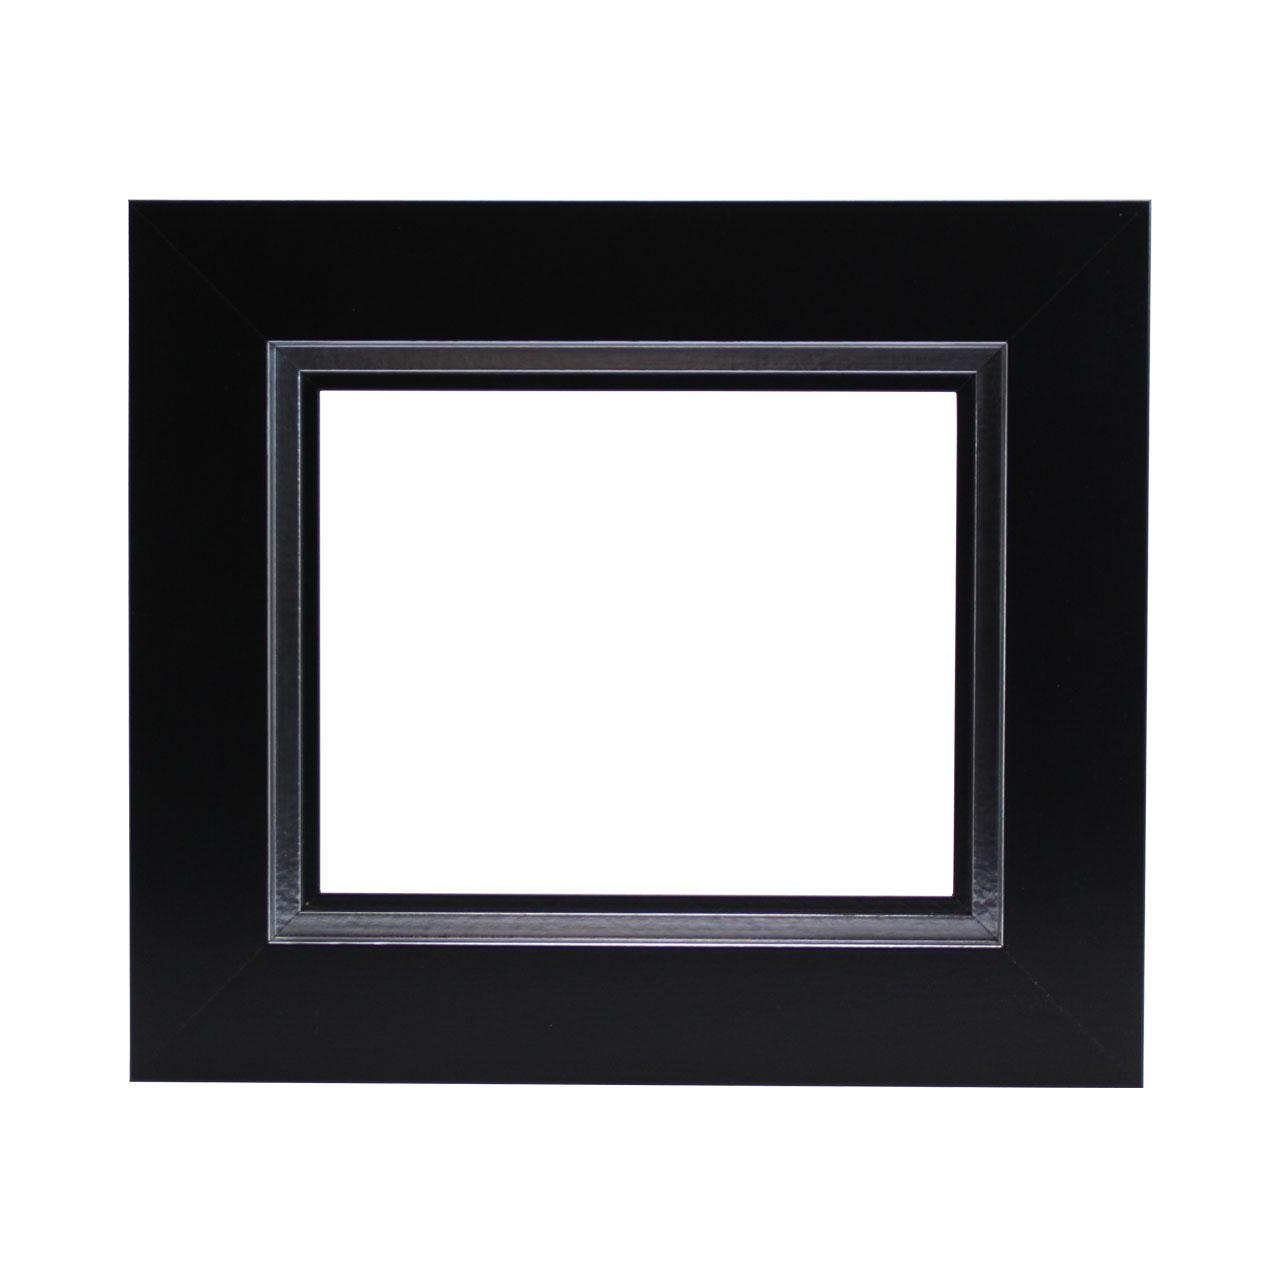 caisse plate noire filet argent cadre pour tableau. Black Bedroom Furniture Sets. Home Design Ideas